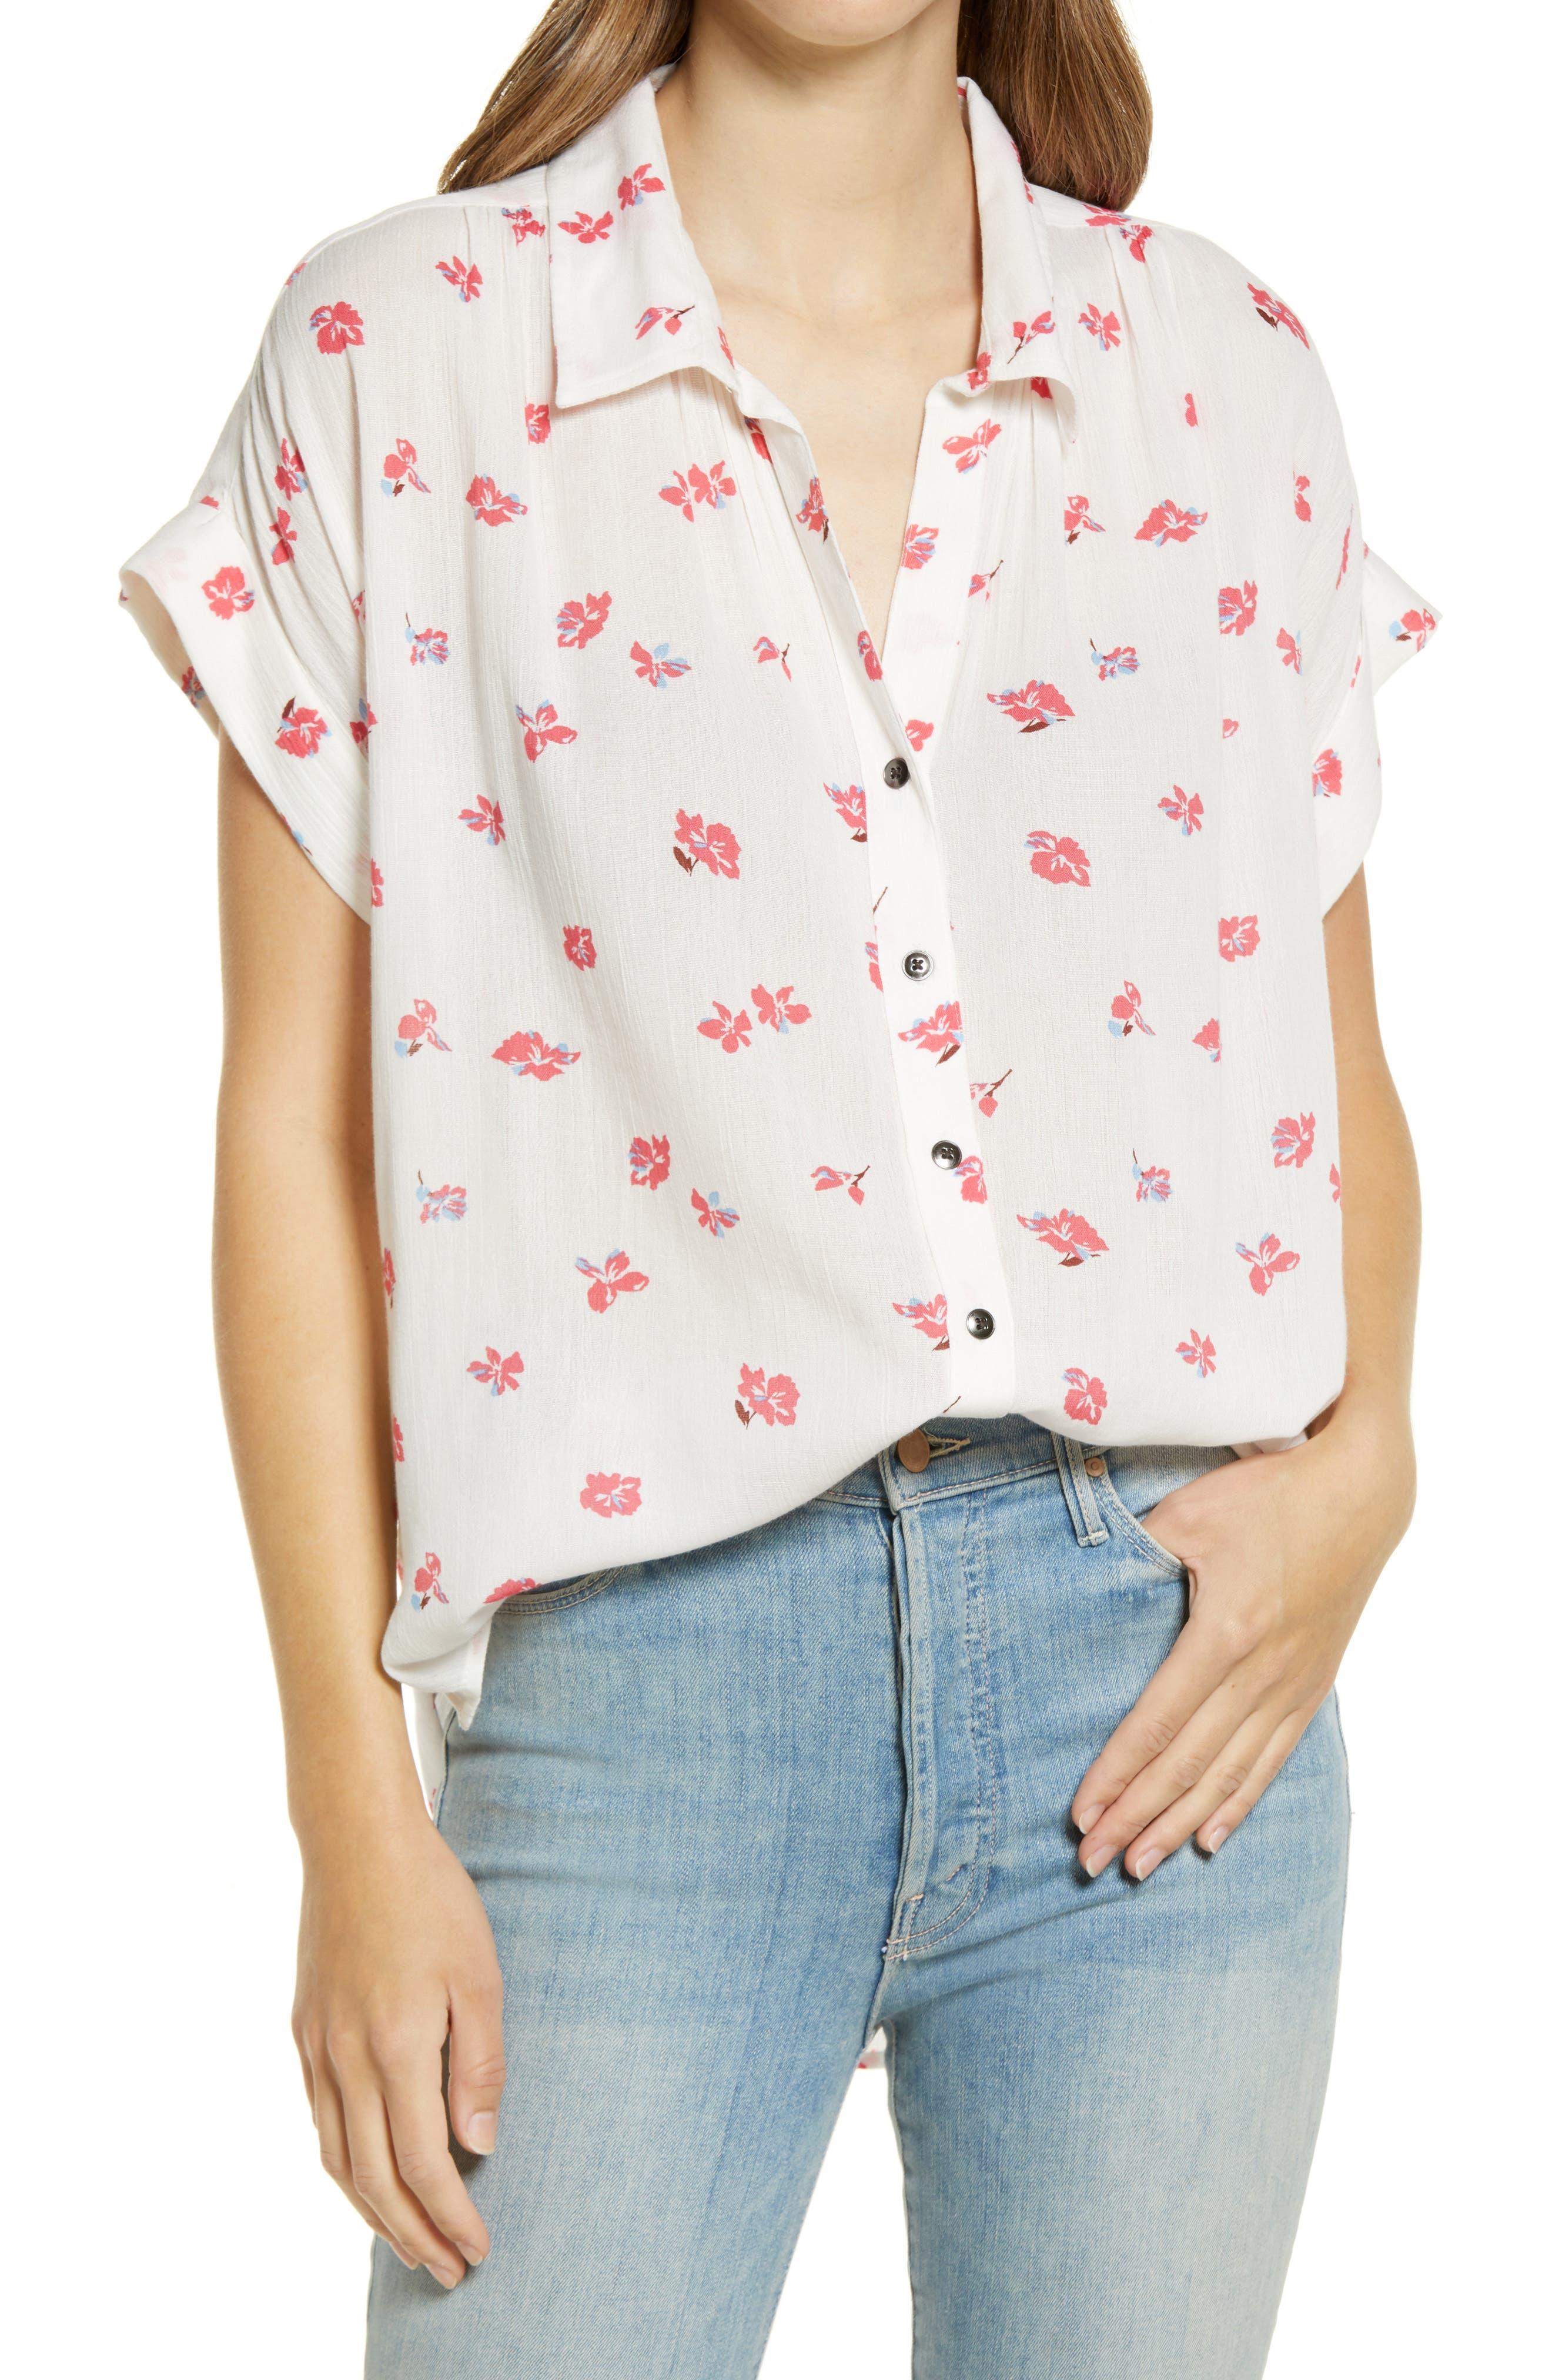 Plus Size Women's Caslon Floral Print Summer Crepe Camp Shirt